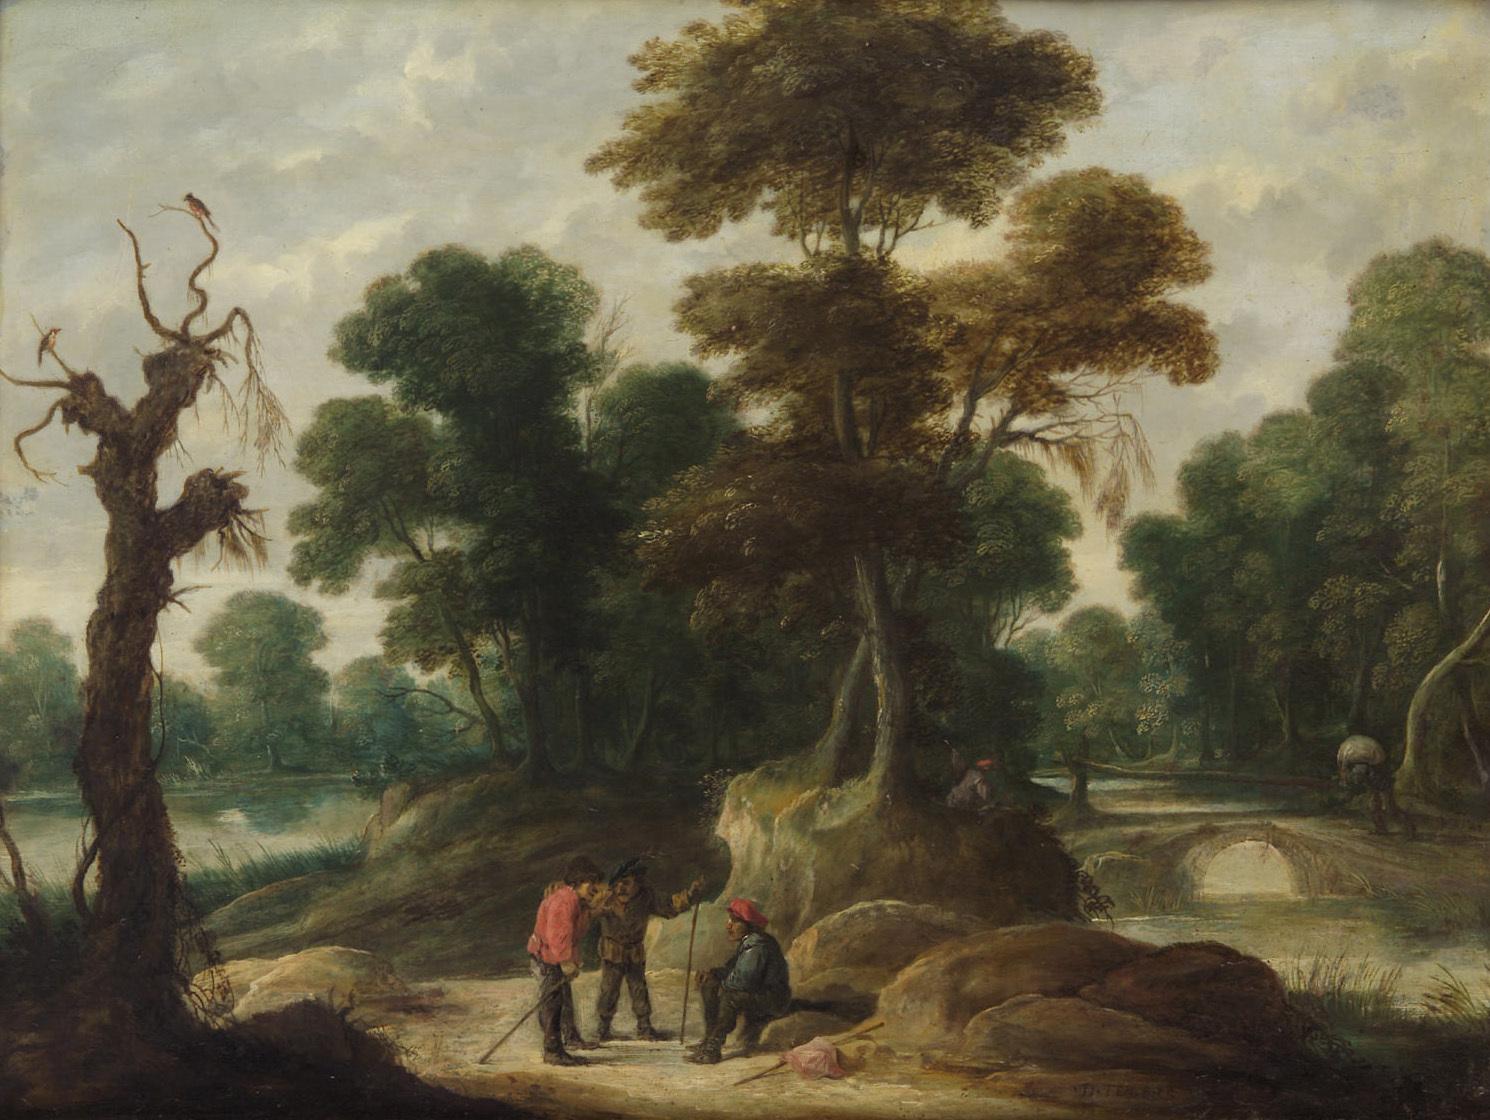 Landschaft mit drei Bauern von David Teniers d. J.